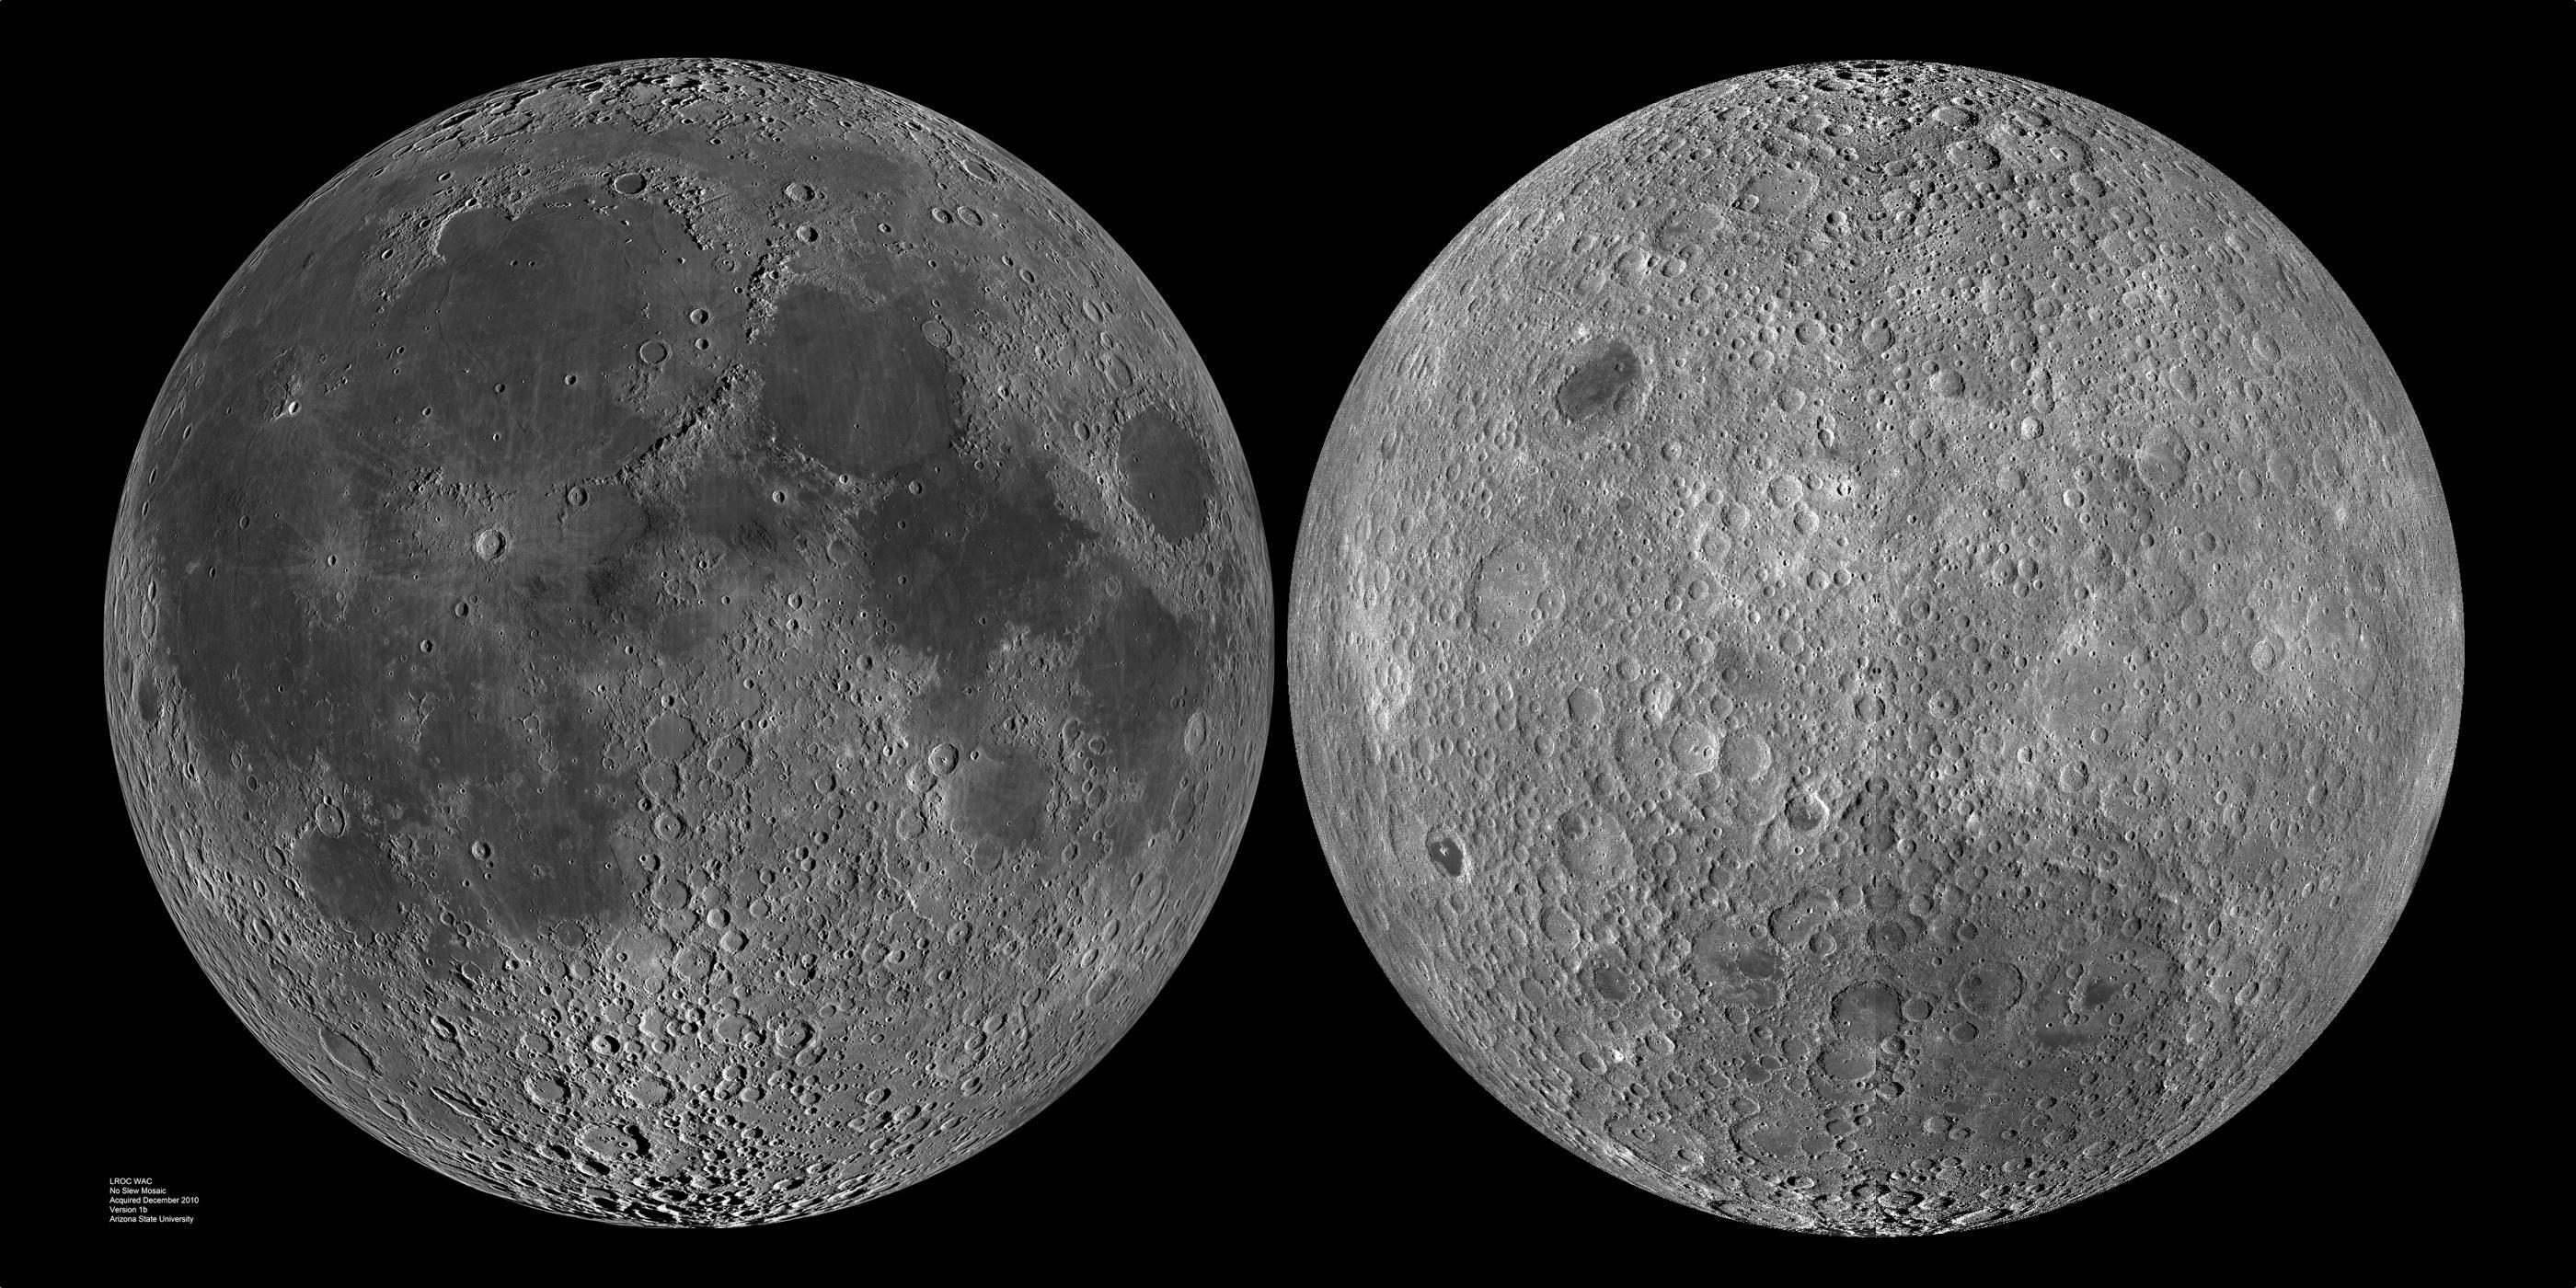 что на другой стороне луны Унитазы Раковины